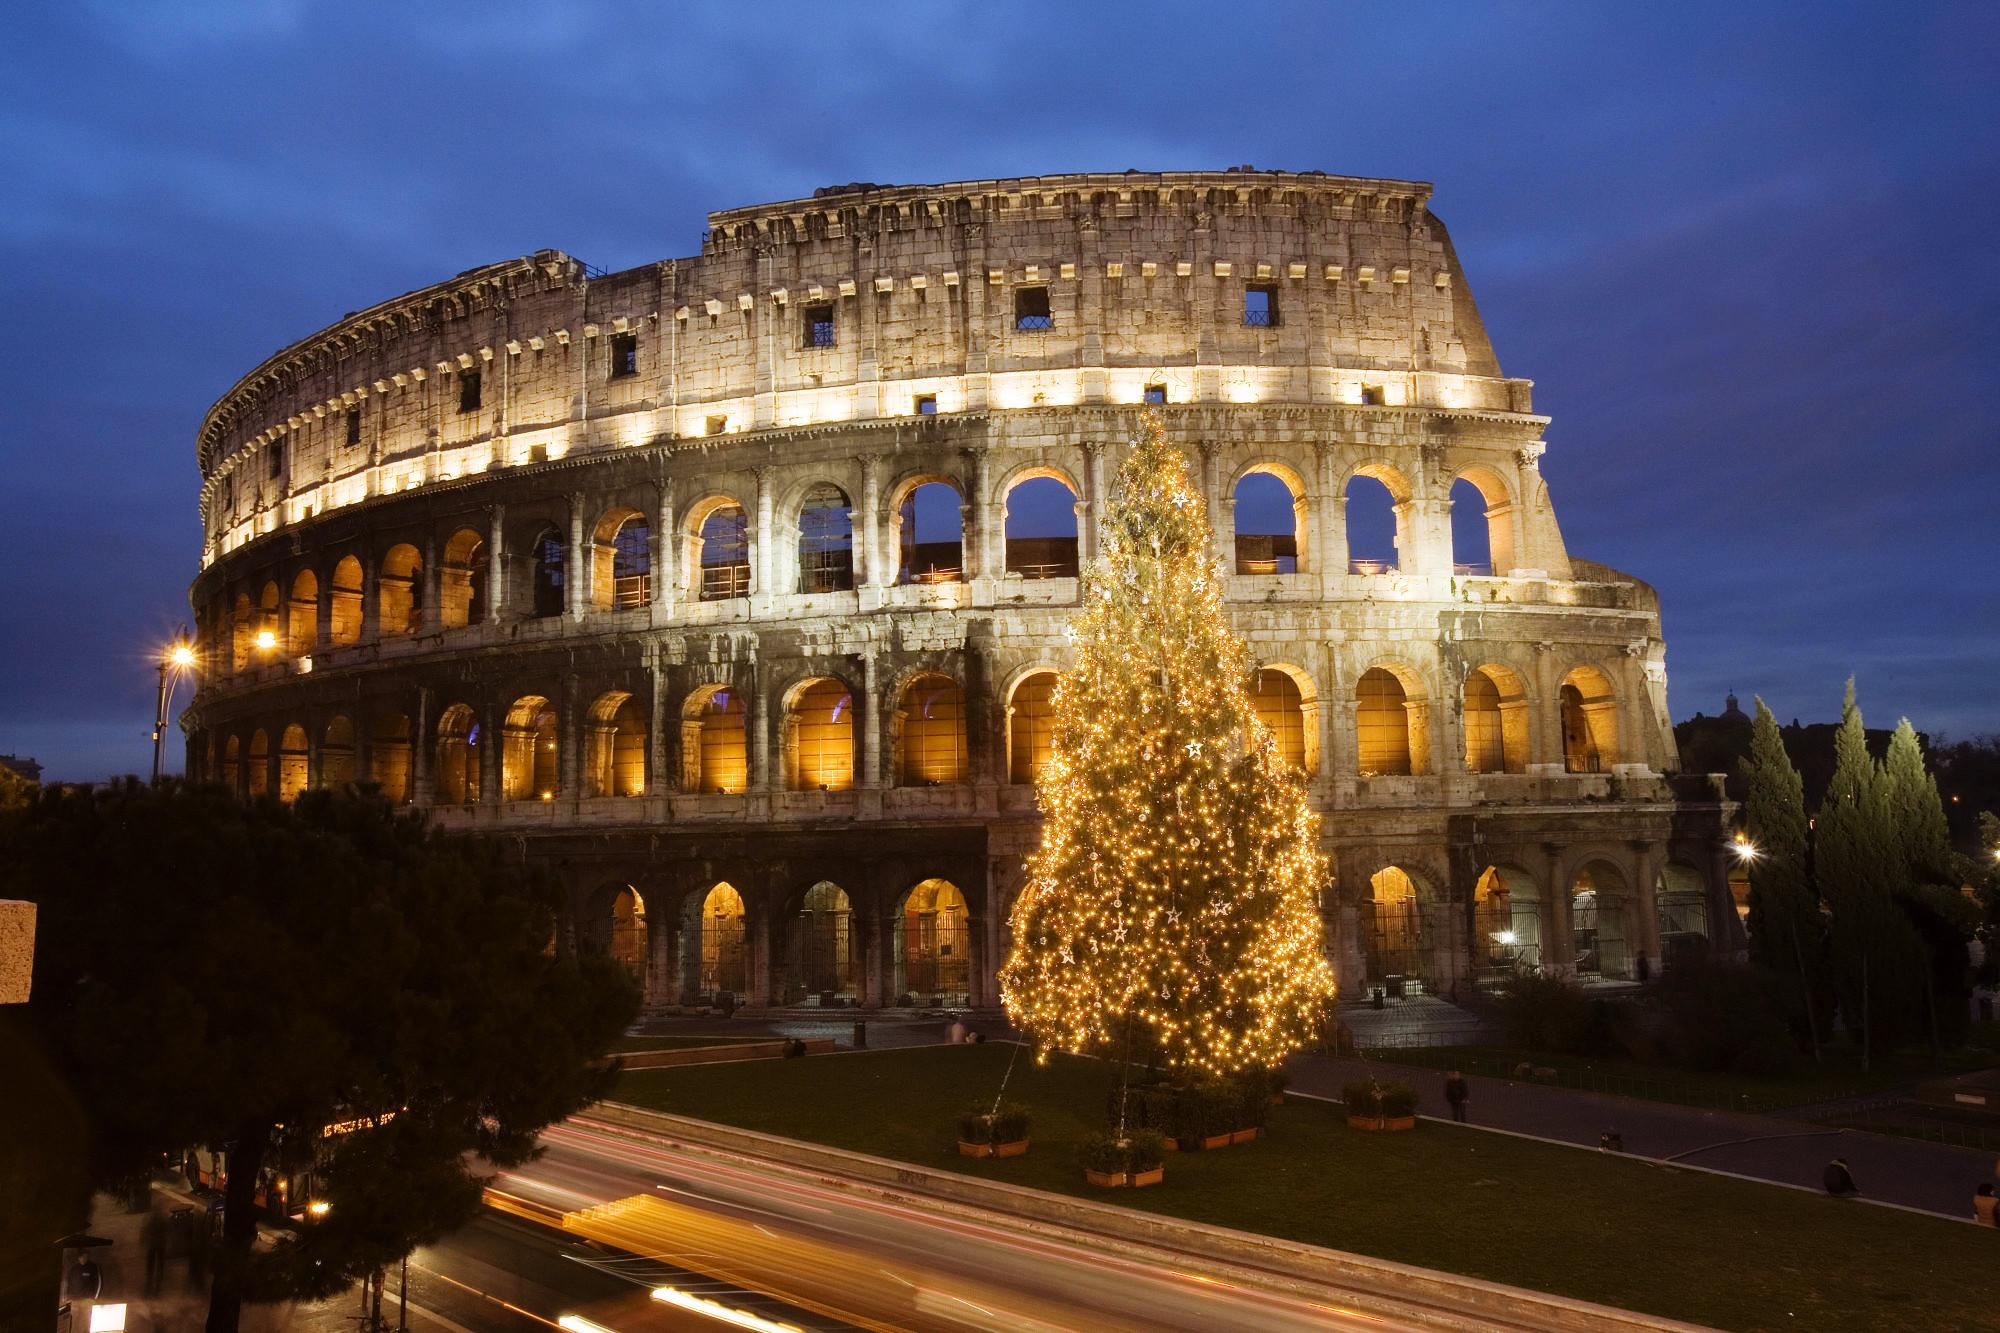 Capodanno Roma 2015 - Colosseo